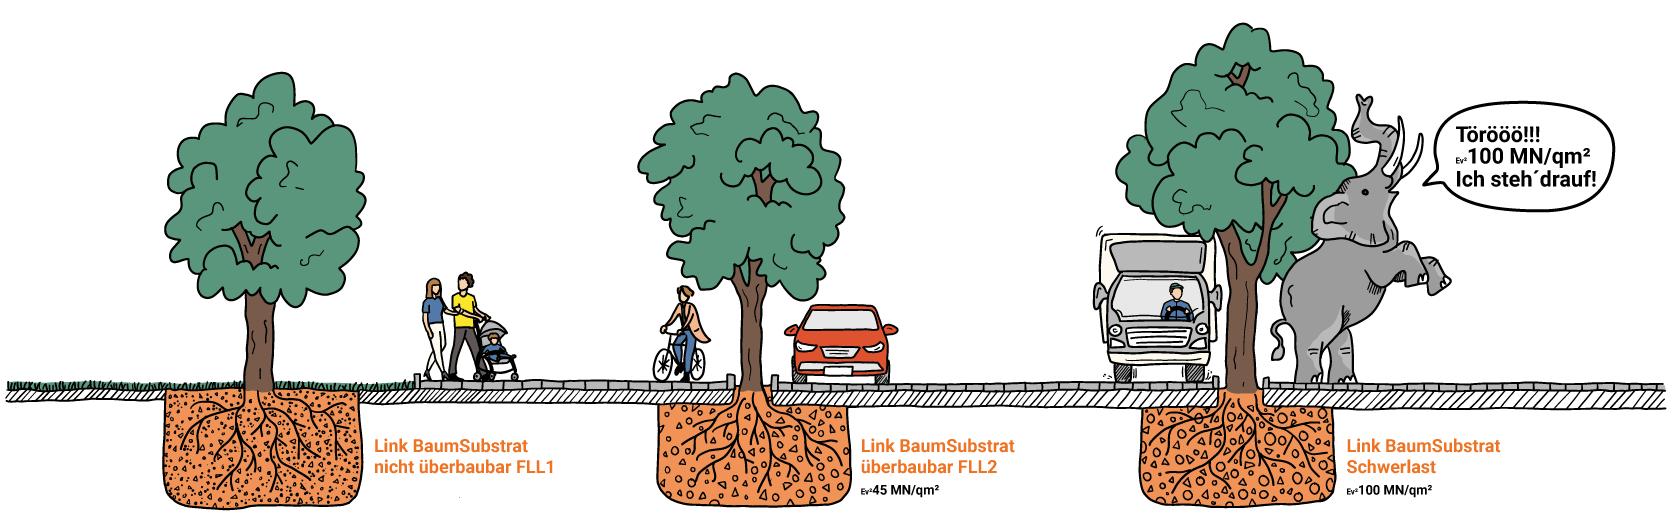 Infografik Baumsubstrate